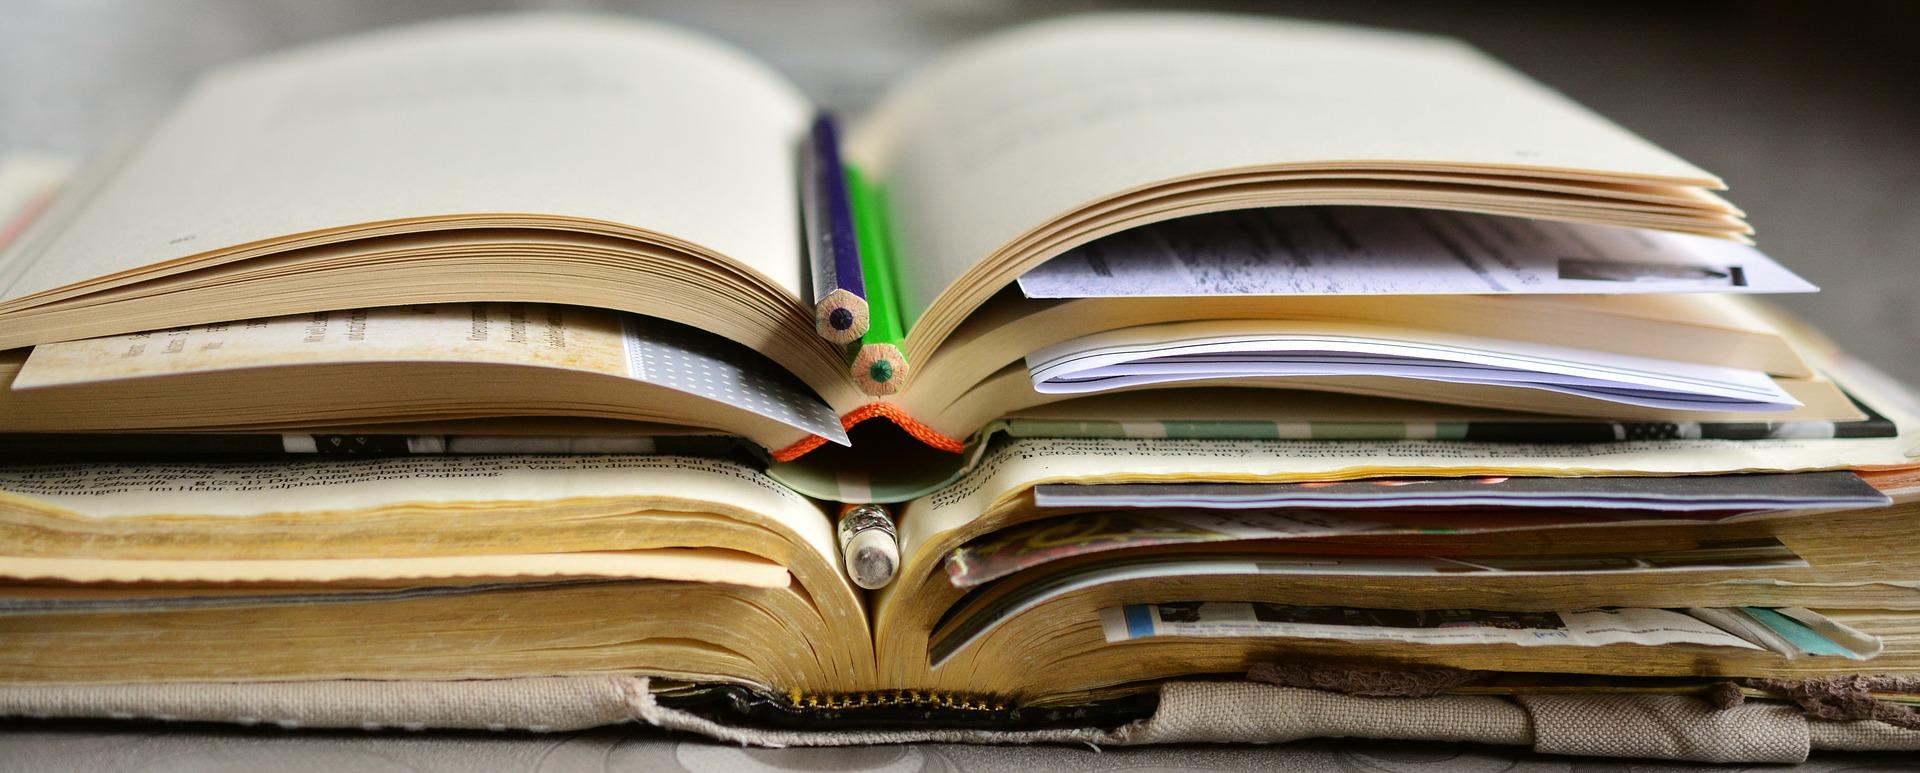 Ecriture narrative livres crayons